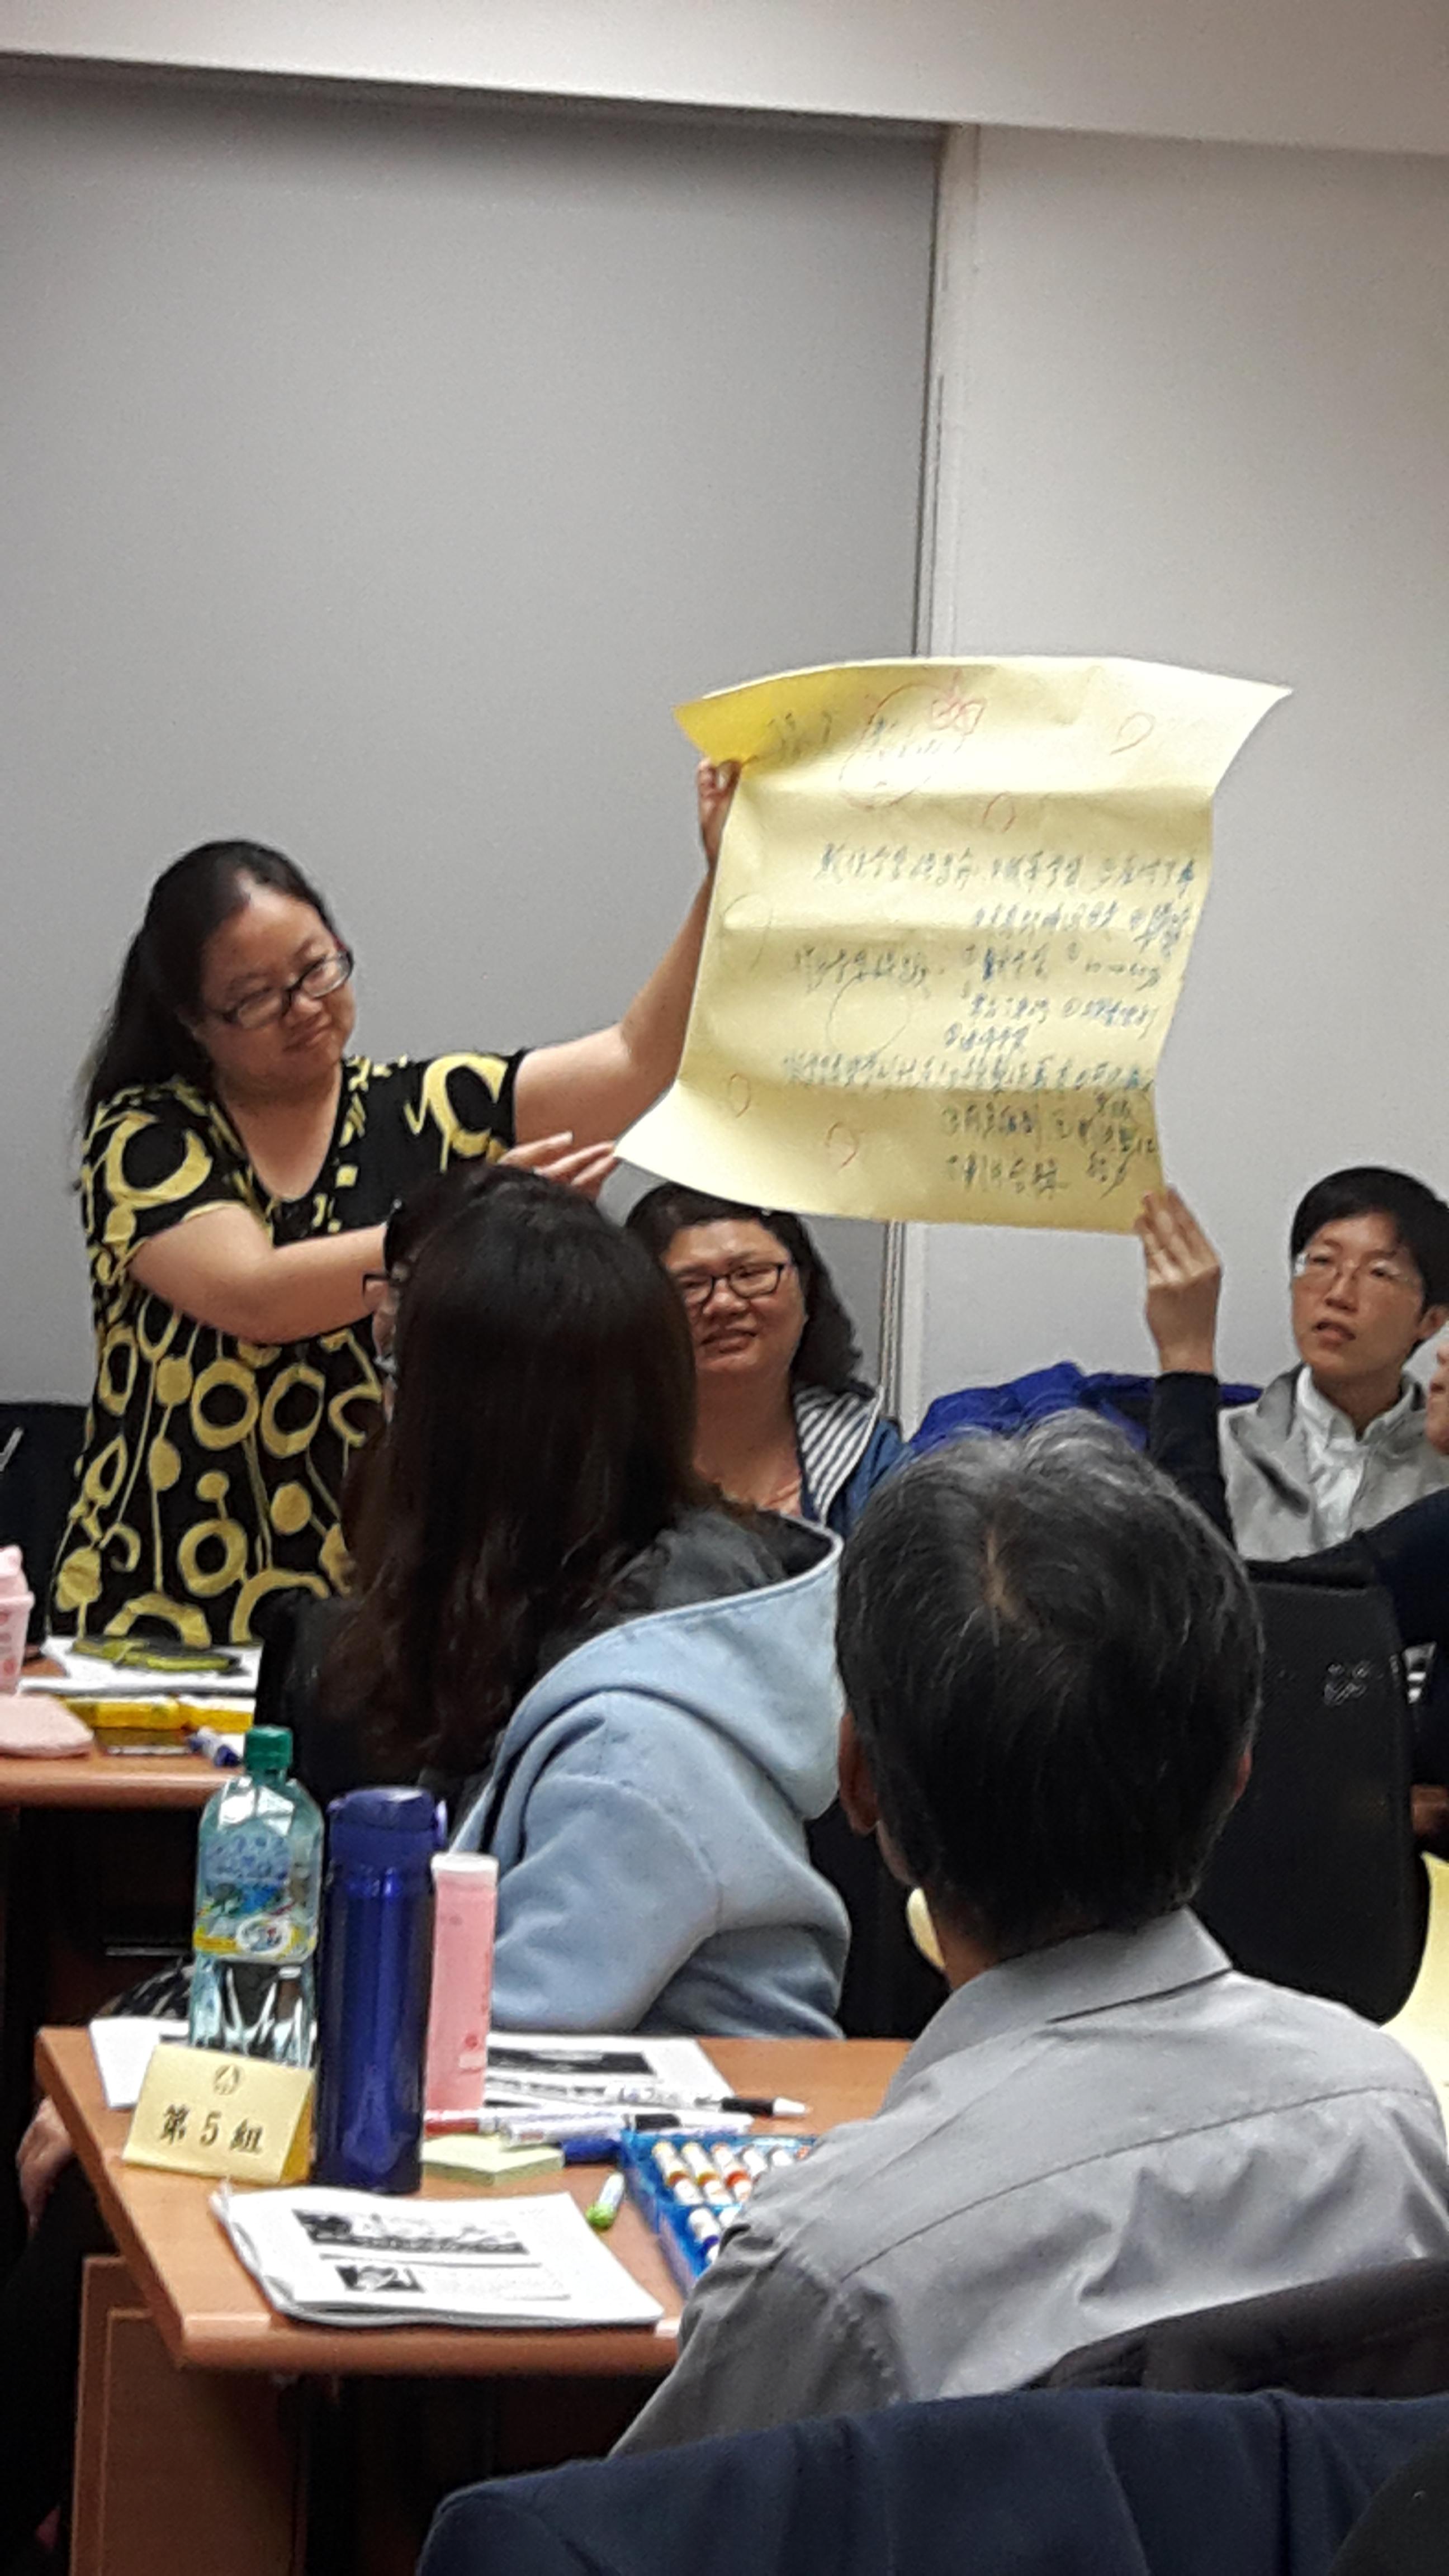 107年4月9至10日假國立台北商業大學辦理教育部人事處及所屬人事機構人事人員微學習與應用工作坊